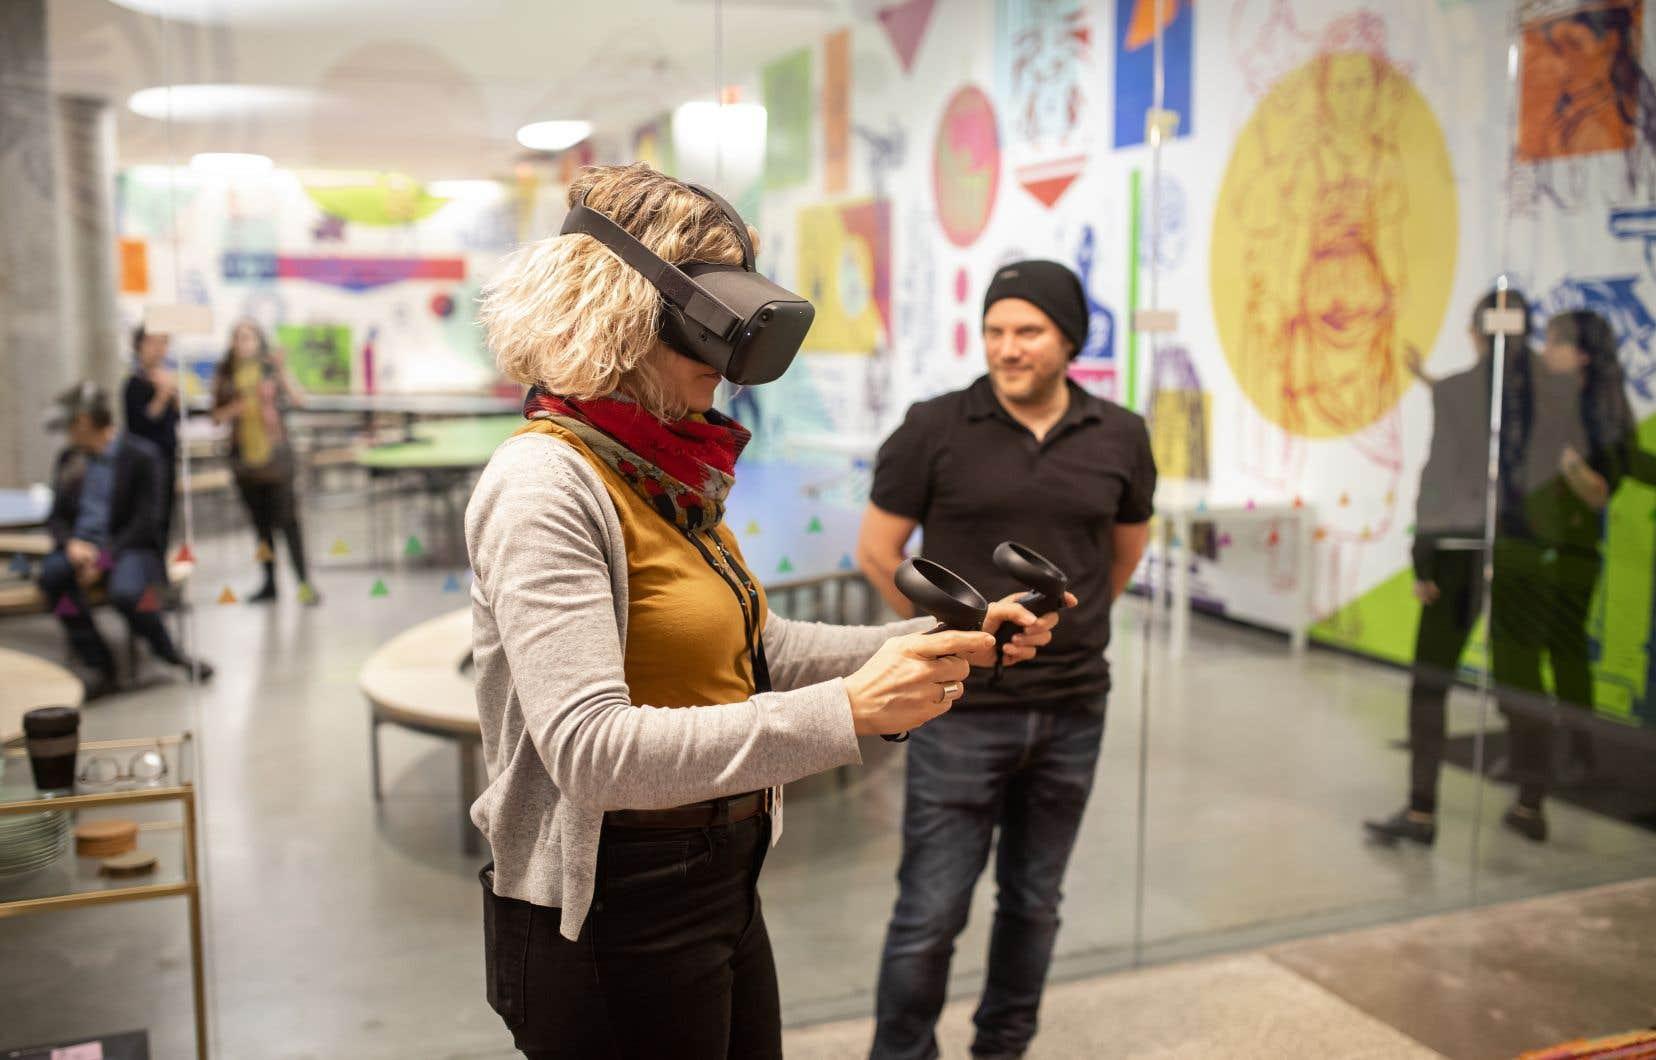 PRISME travaille à offrir des expériences de réalité virtuelle pour permettre de vivre une expérience immersive et multisensorielle à distance.